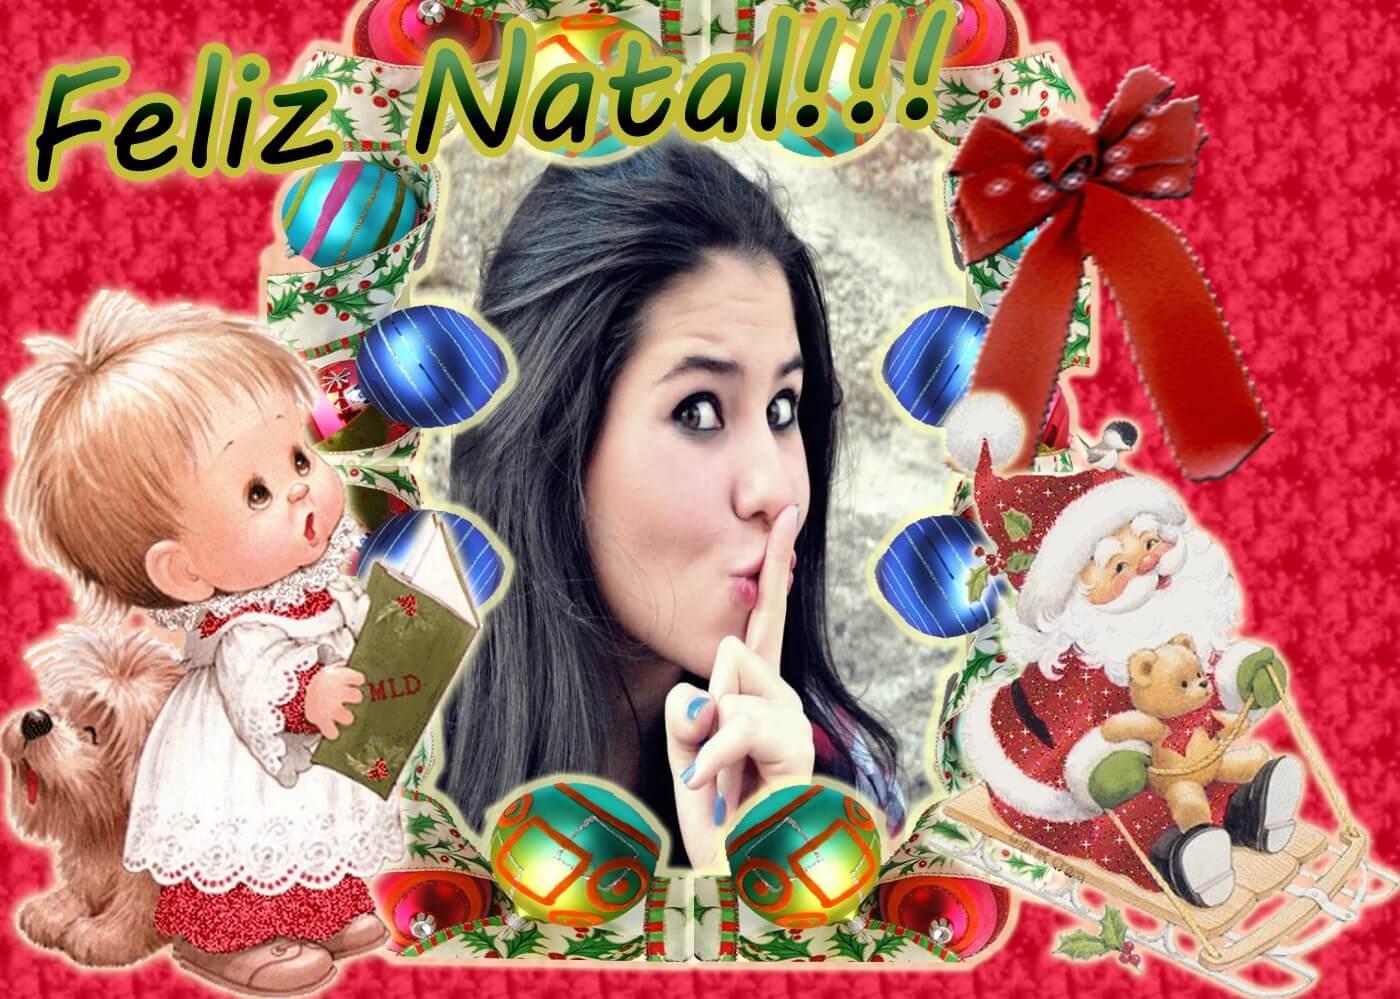 frame-natalino-para-facebok-com-recado-de-feliz-natal